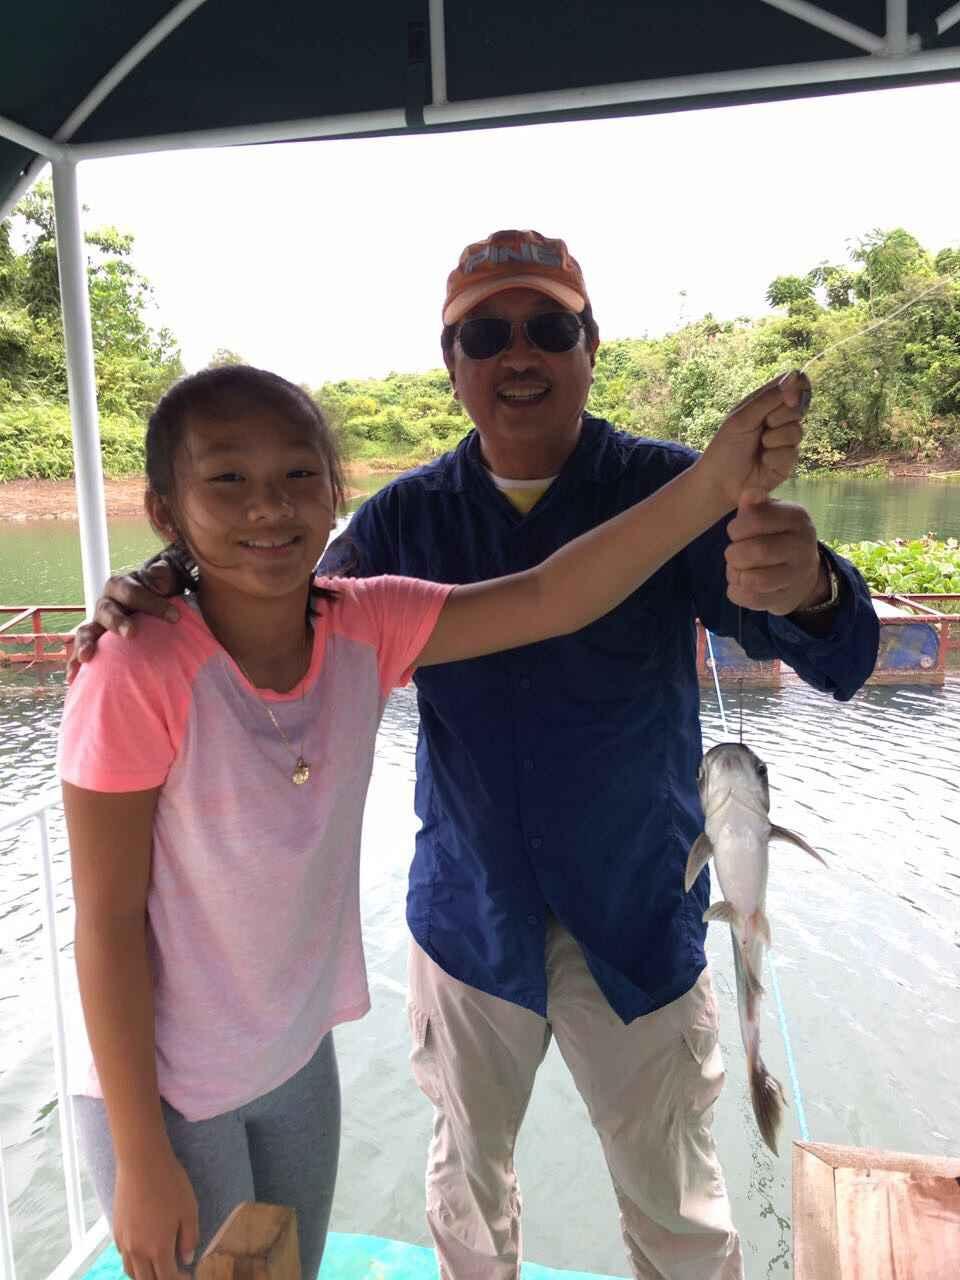 Caliraya_Springs_Golf_Fishing_Tournament-07.jpg